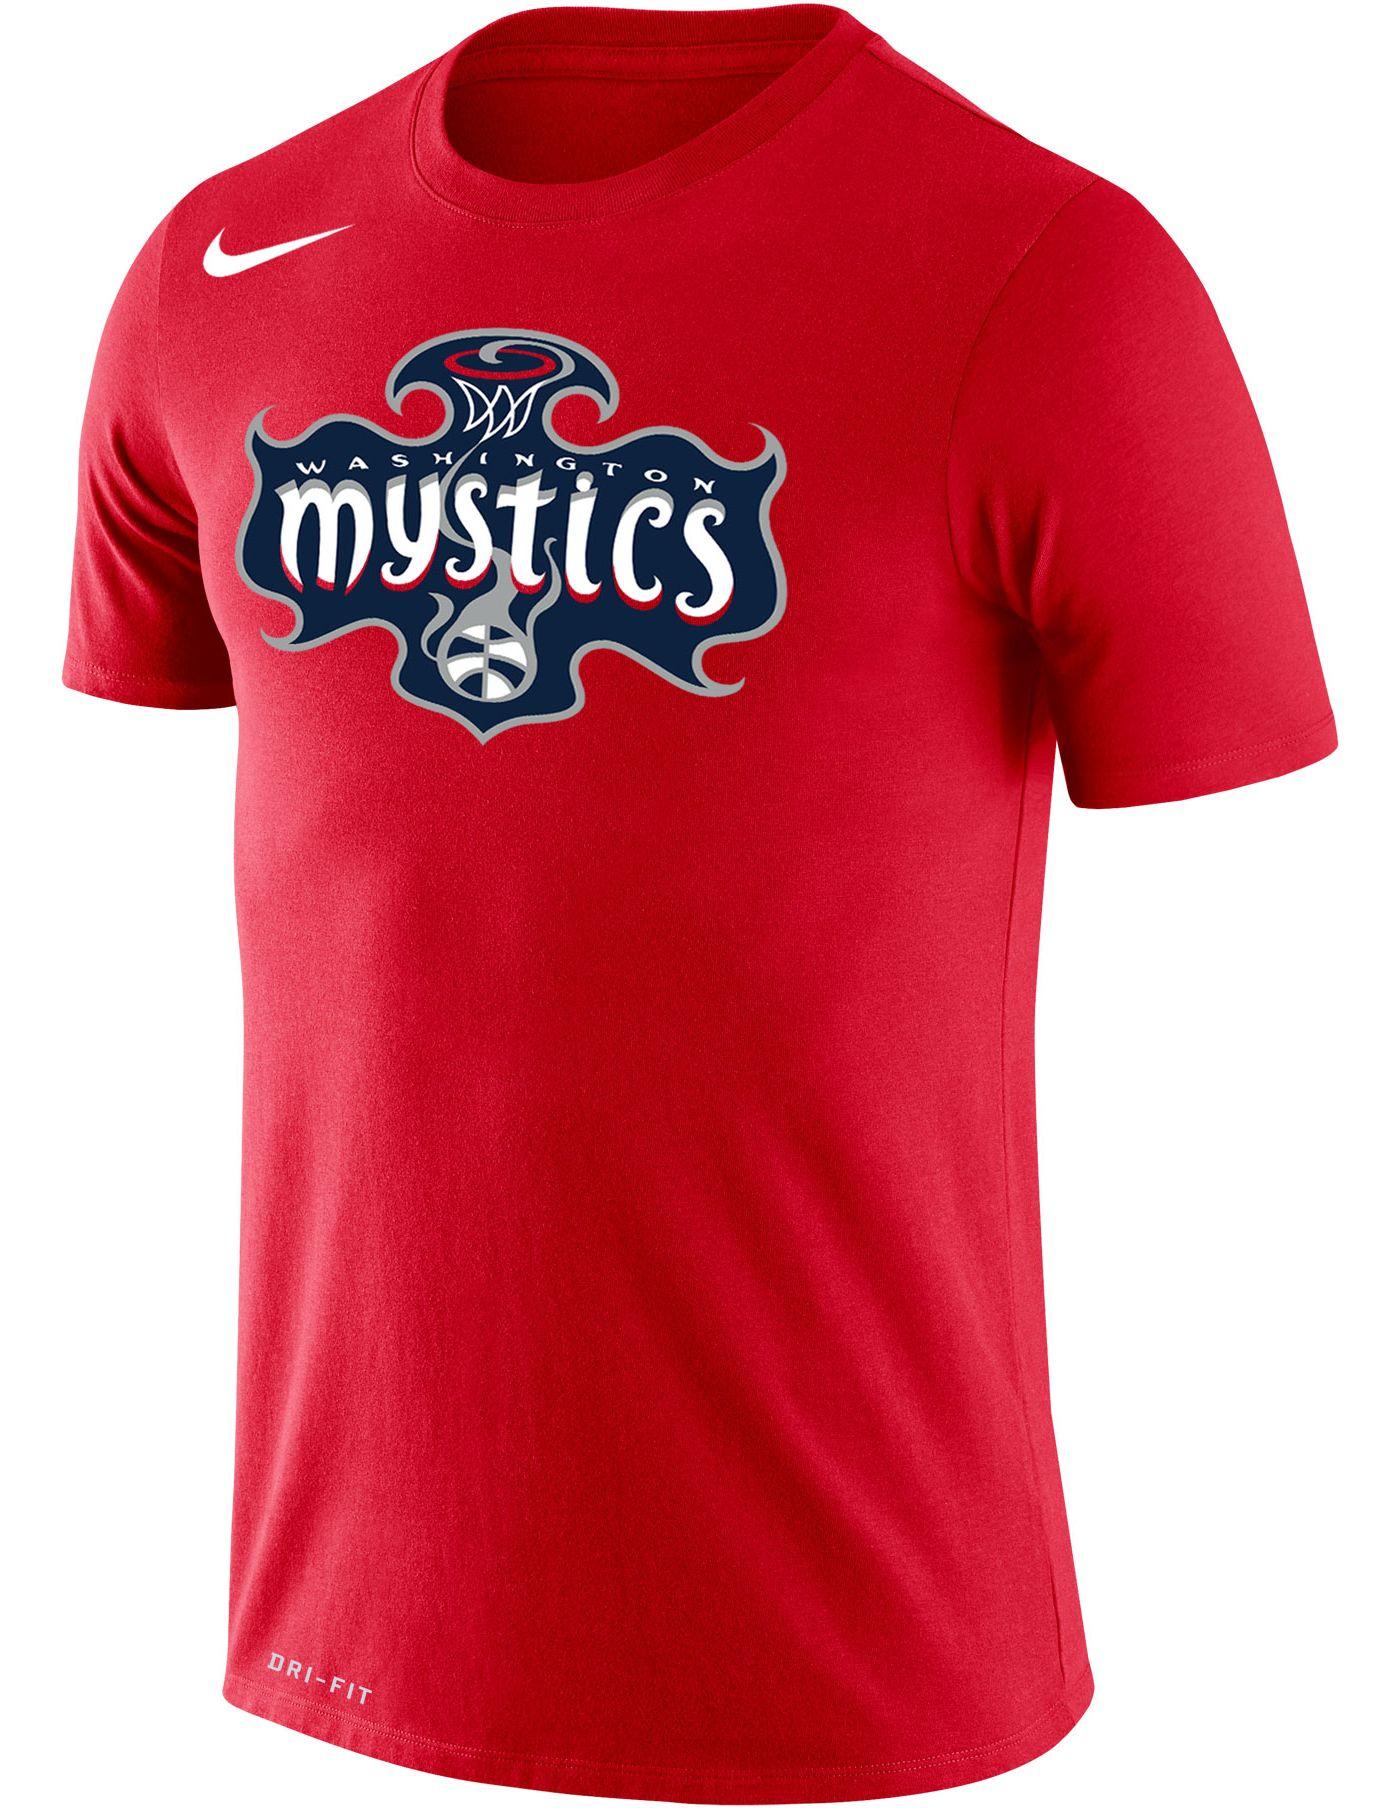 Nike Adult Washington Mystics Dri-FIT Red T-Shirt